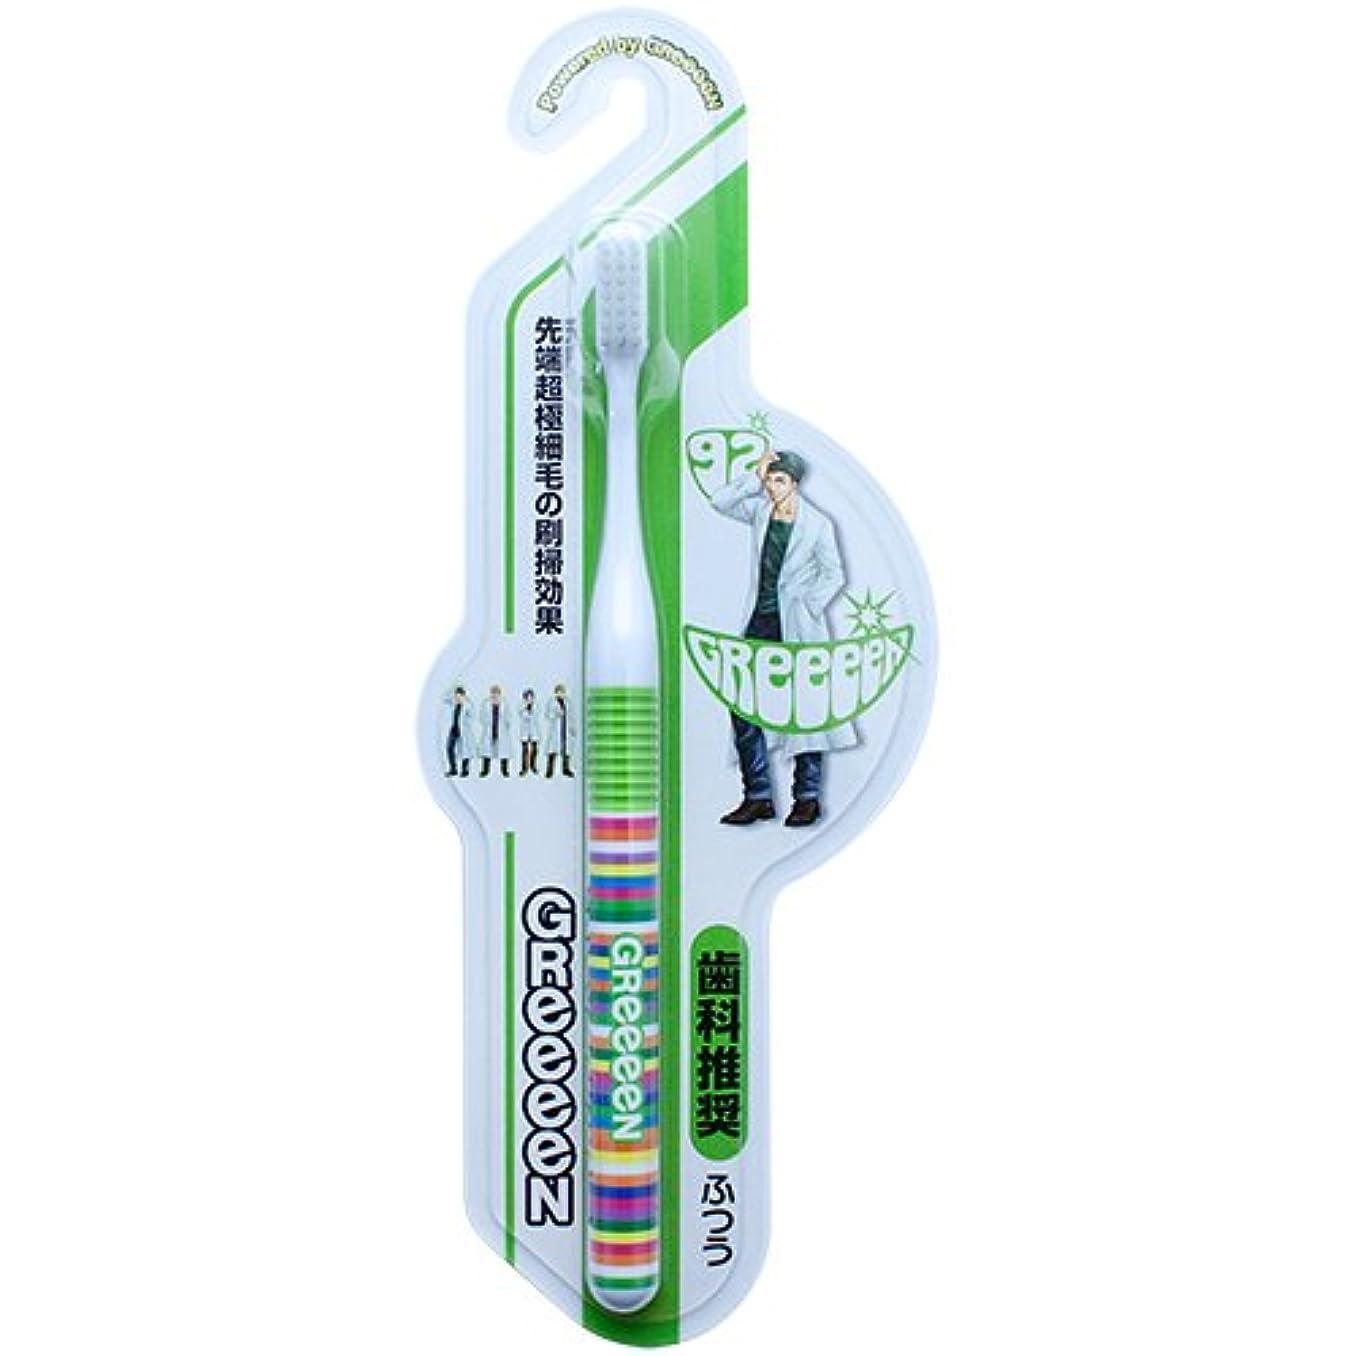 賞詐欺師切手GReeeeN 3列ヘッドラバーグリップ超極細毛歯ブラシ SIRO 92 1本